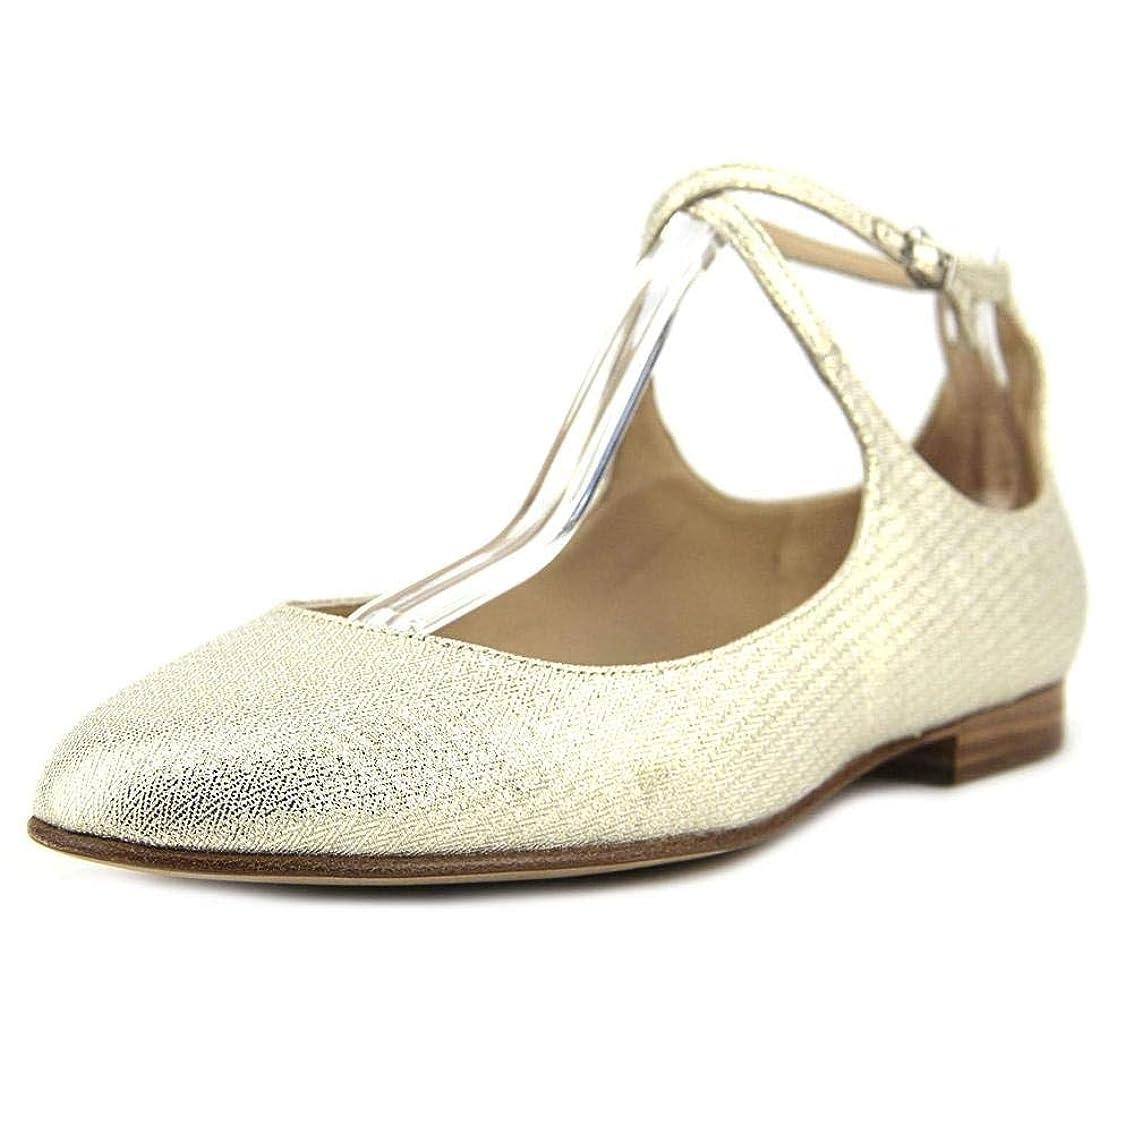 表示スタック返還[Via Spiga] Womens Yovela Closed Toe Ankle Wrap Espadrille Flats [並行輸入品]